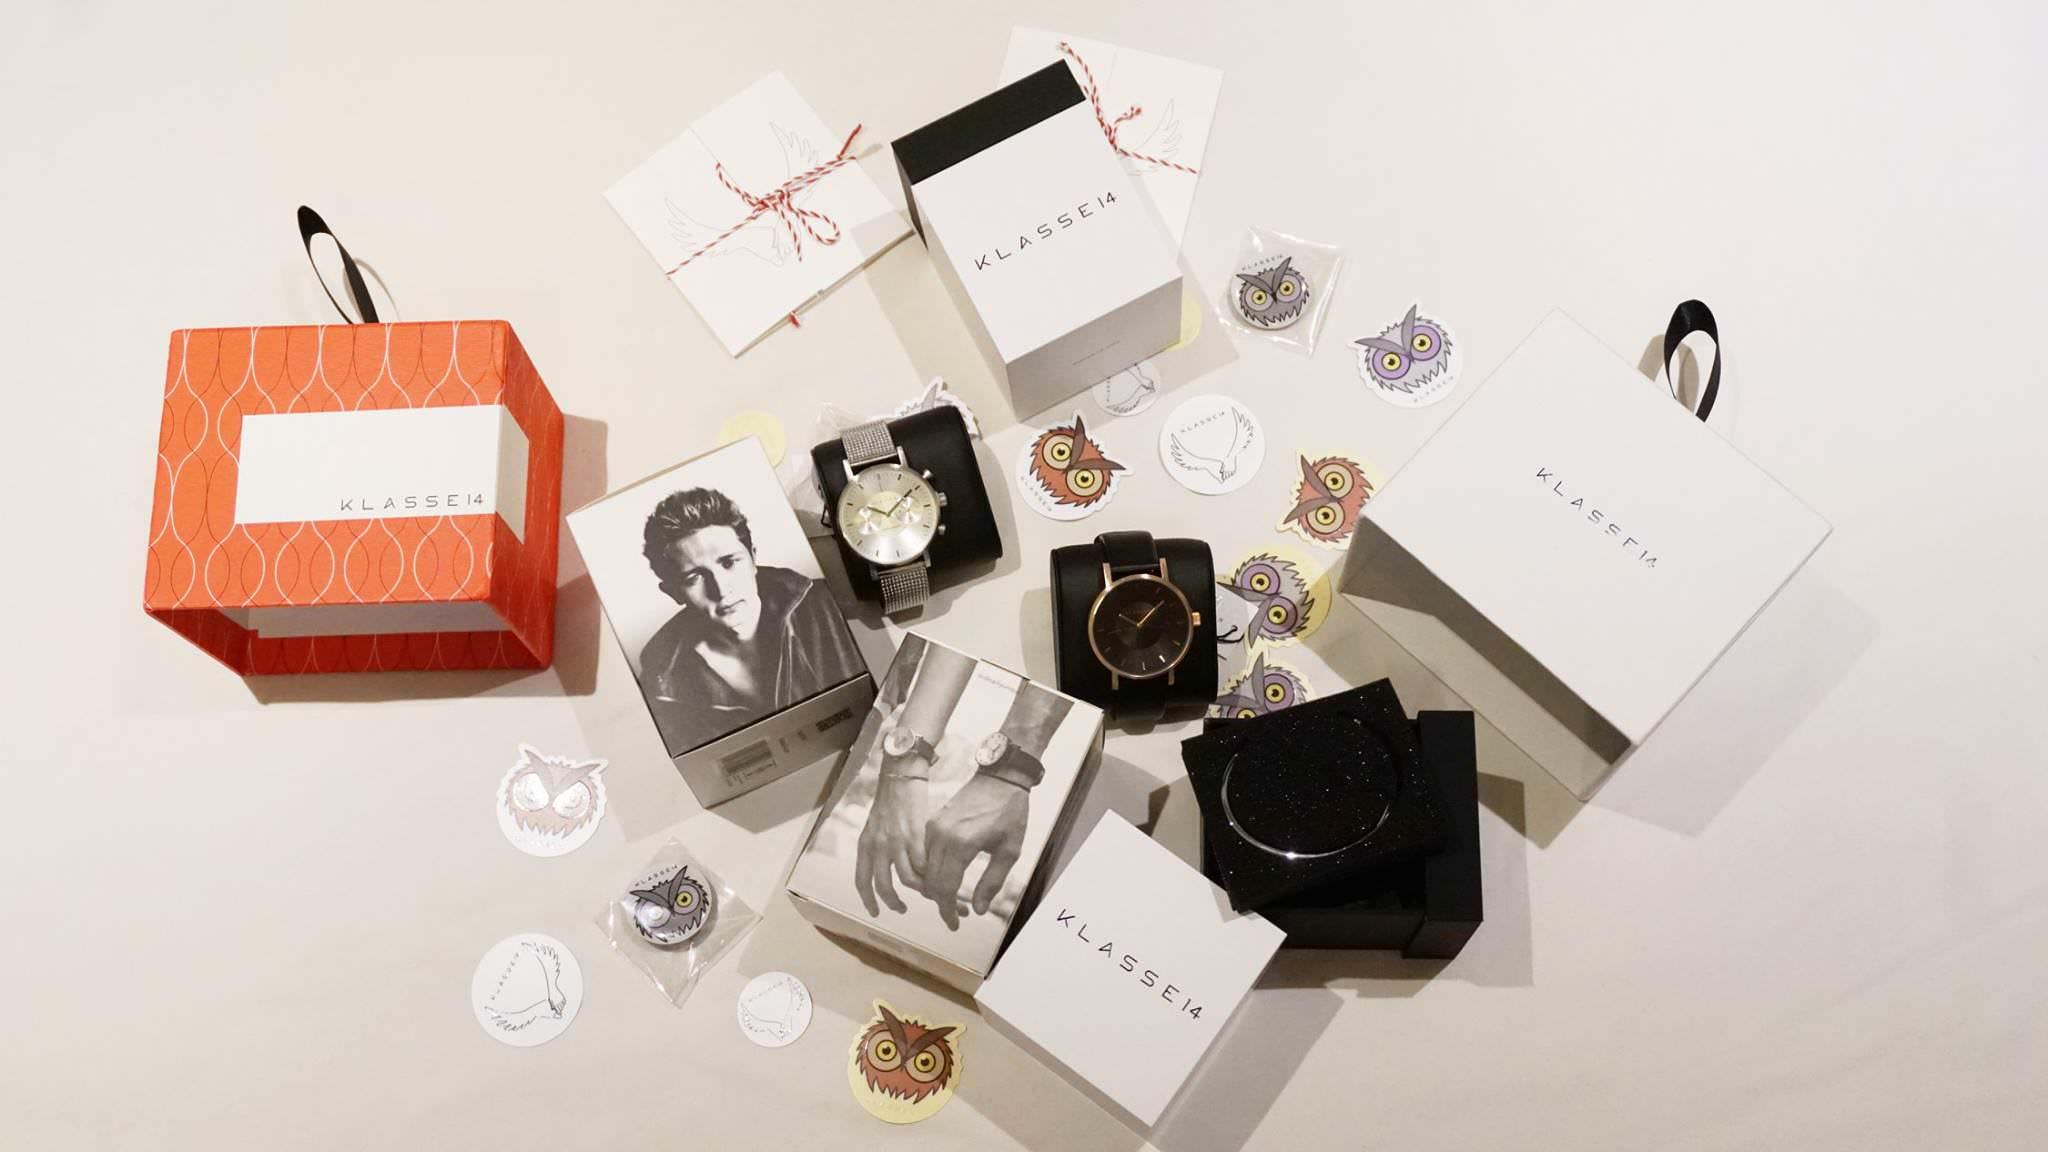 【玩轉韓國 X KLASSE14手錶】2017 聖誕贈禮+獨家優惠折扣碼!